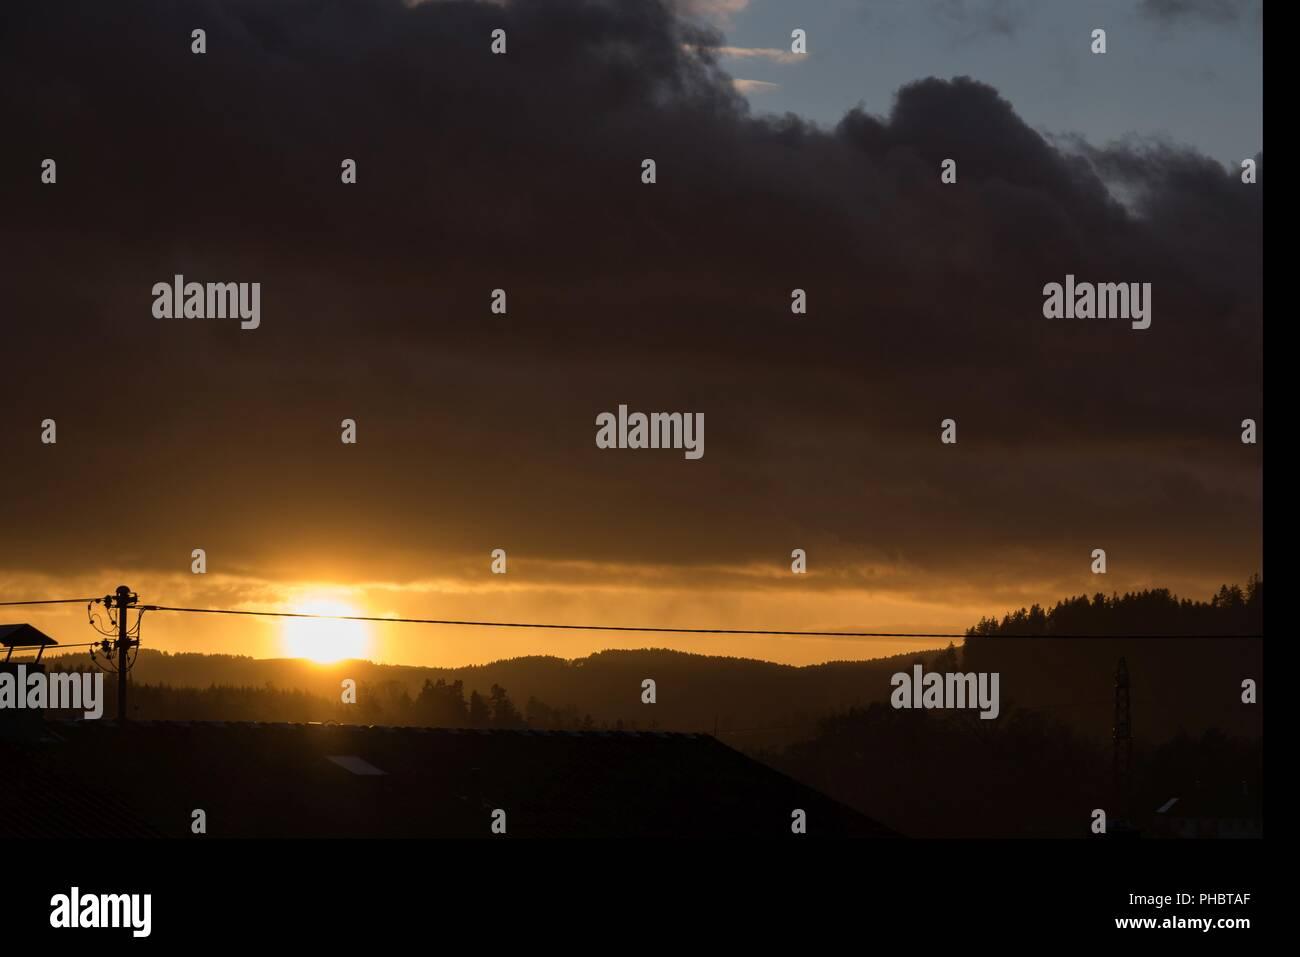 Malgré le coucher du soleil romantique violente tempête - Météo cape Photo Stock